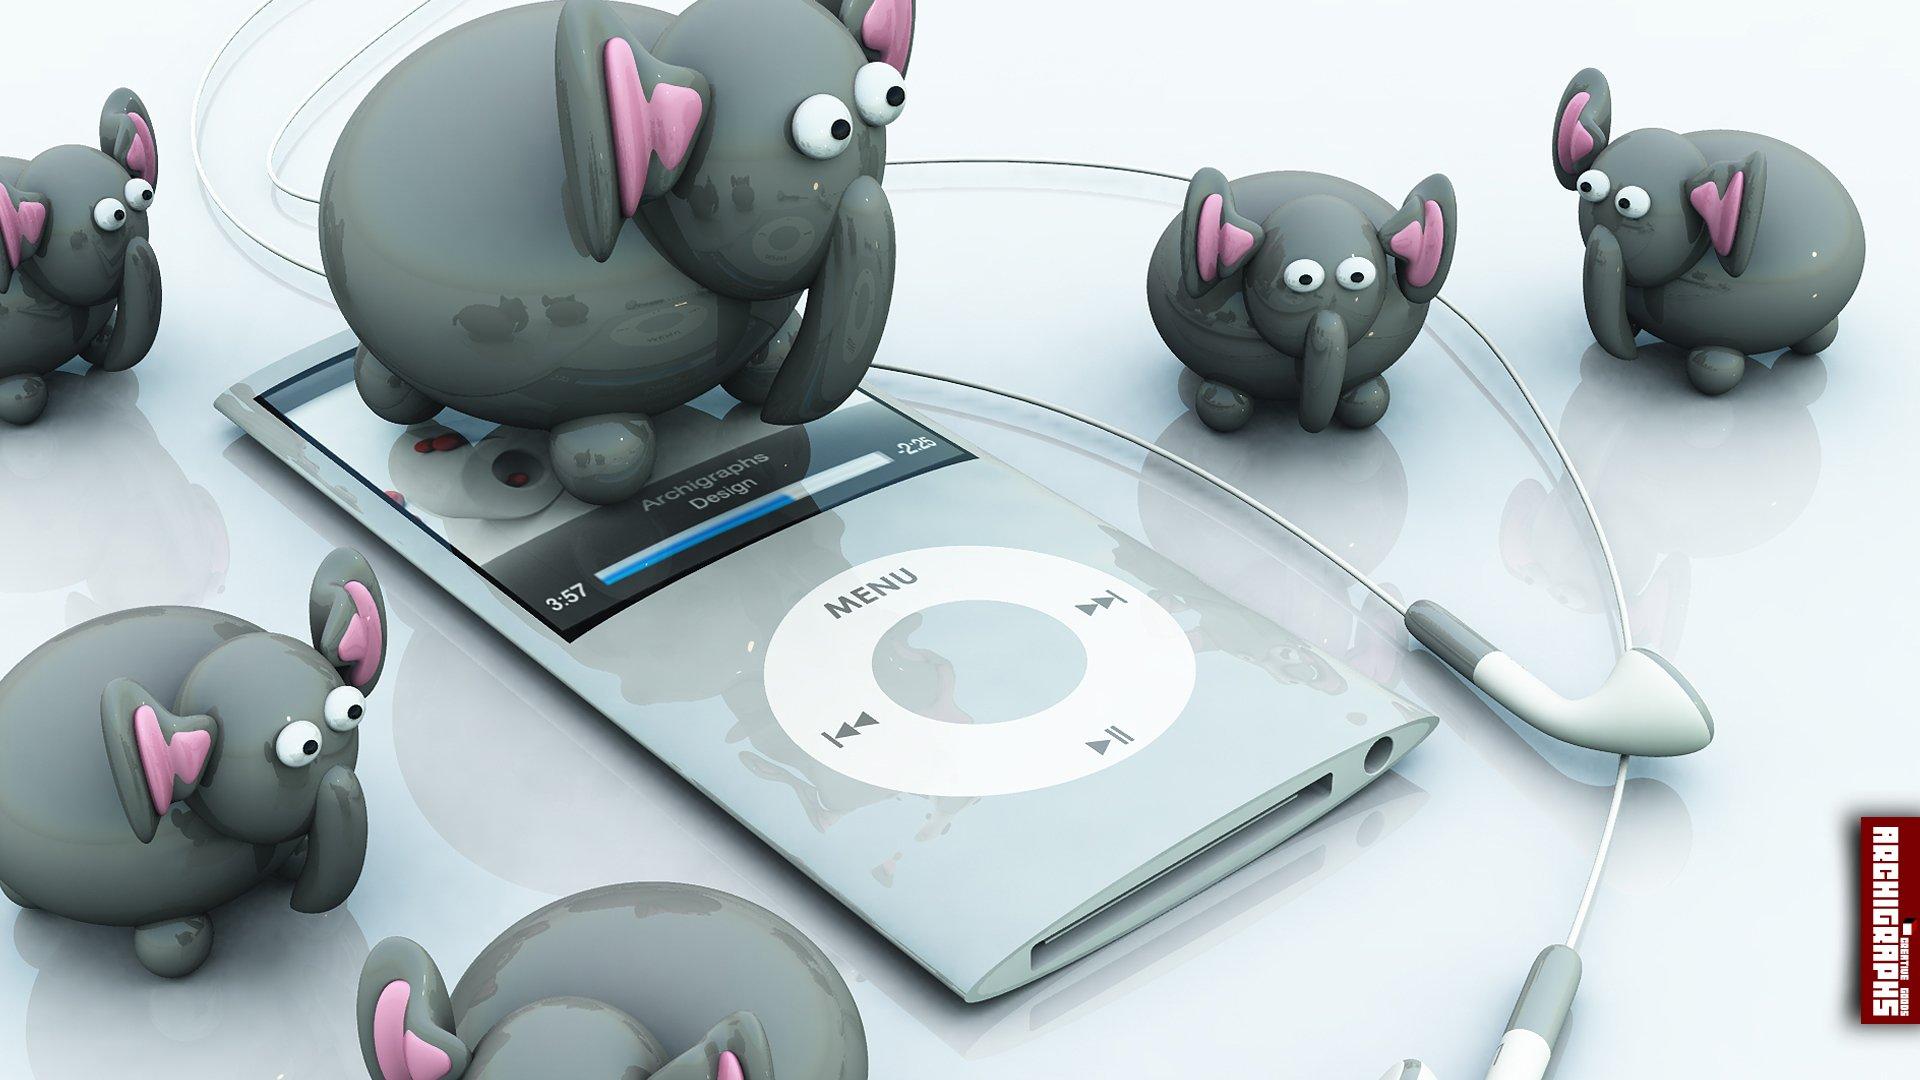 overy桌面壁纸壁纸,Archigraphs创意3D动物插画设计壁纸壁纸图片